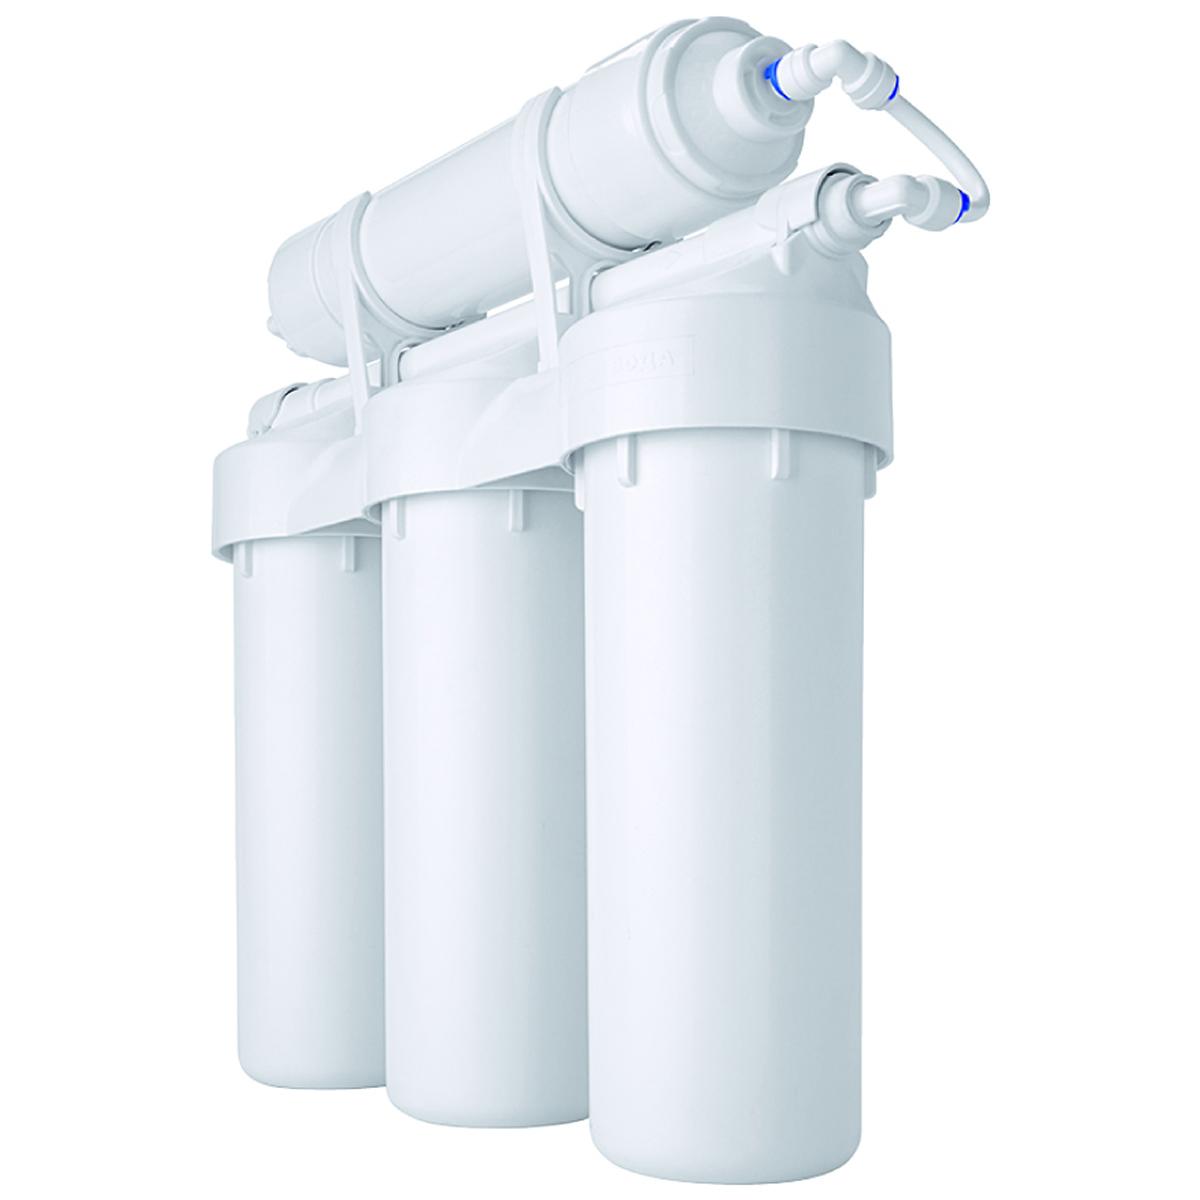 Водоочиститель Prio Praktic. EU312, с защитой от перепадов давленияEU312В новой линейке Praktic соединены проверенные временем традиционные решения на базе стандартных 10-дюймовых картриджей с современными техническими решениями 21 века и немецкими технологиями от компании Prio®. Фильтры серии Praktic превосходно очищают водопроводную воду от всех самых опасных загрязнений, в том числе хлора и хлорной органики, механических примесей, канцерогенов, тяжелых металлов и т. д., улучшают вкус воды, устраняют посторонние запахи. В результате воду можно пить без кипячения, готовить на её основе еду и напитки даже для грудных детей. Ключевые особенности фильтров серии Praktic, выгодно отличающие их от большинства систем других производителей: - благодаря армированному корпусу и увеличенному количеству витков резьбы в местах соединения - выдерживают максимальное ударное давление до 28 атм, 100 тыс гидроударов (по методике тестирования целостности согласно NSF 58) - цельнолитая «голова» исключает вероятные протечки в местах соединения -...